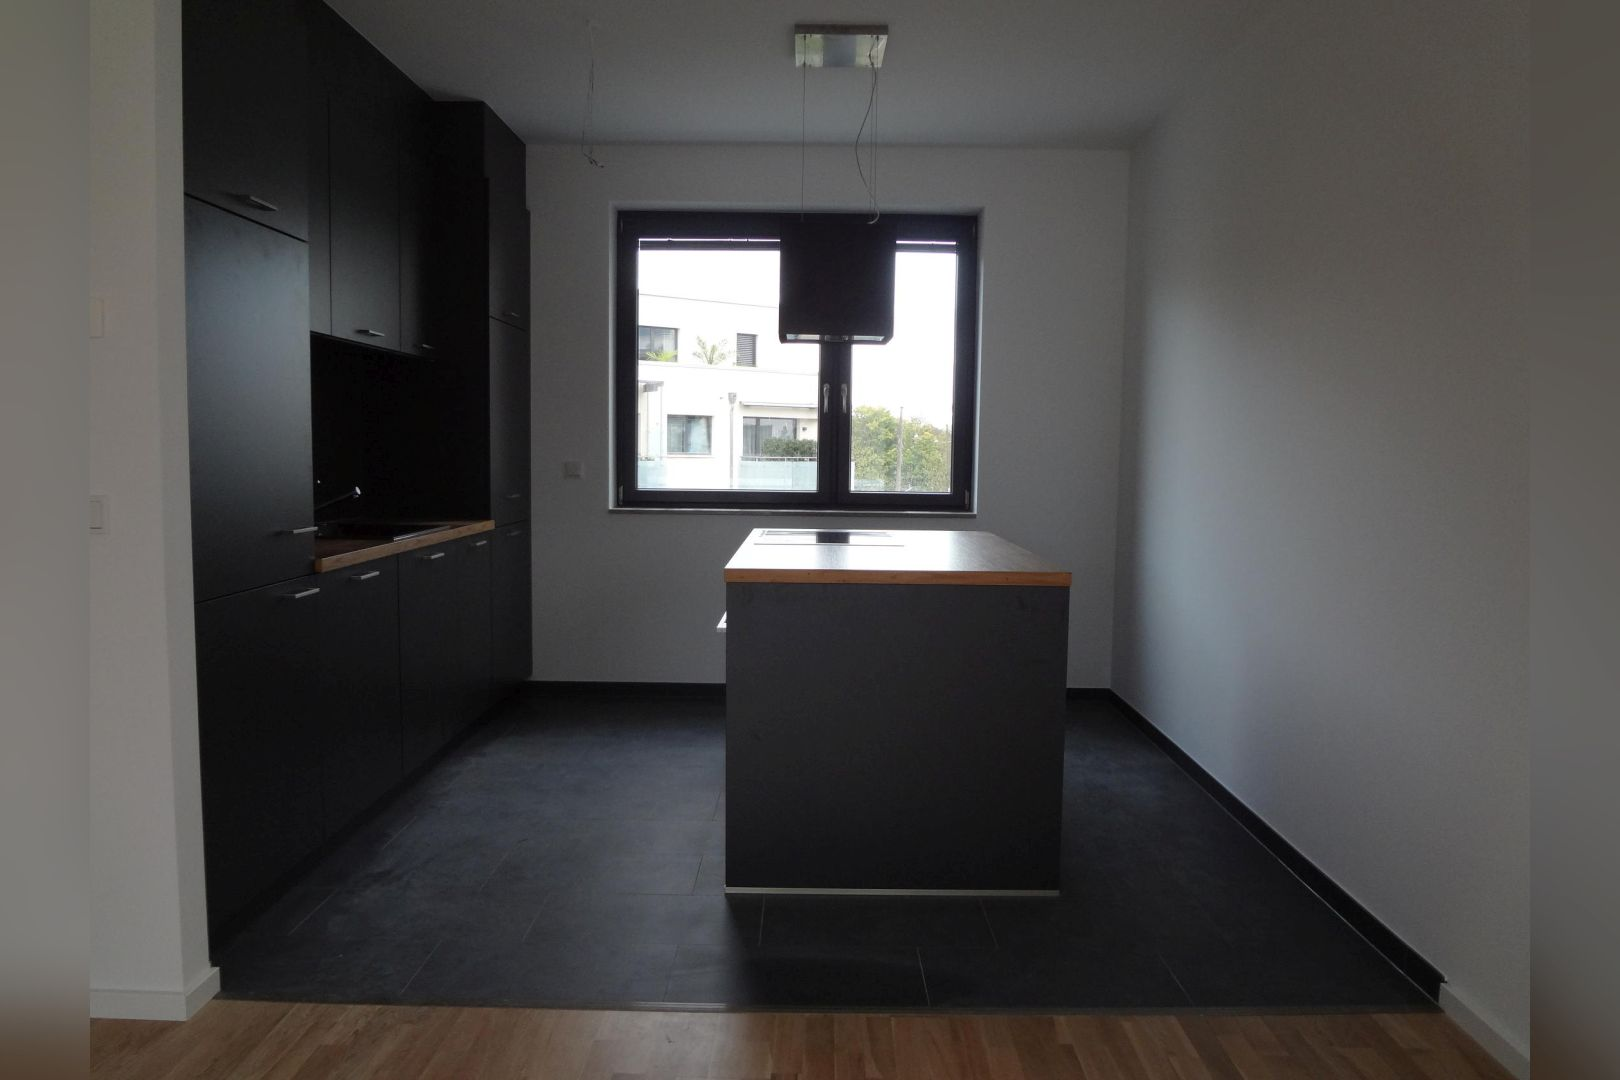 Immobilie Nr.0285 - 3-Zimmer-Maisonettewohnung mit Dachterrasse und TG-Stellplatz - Bild 8.jpg